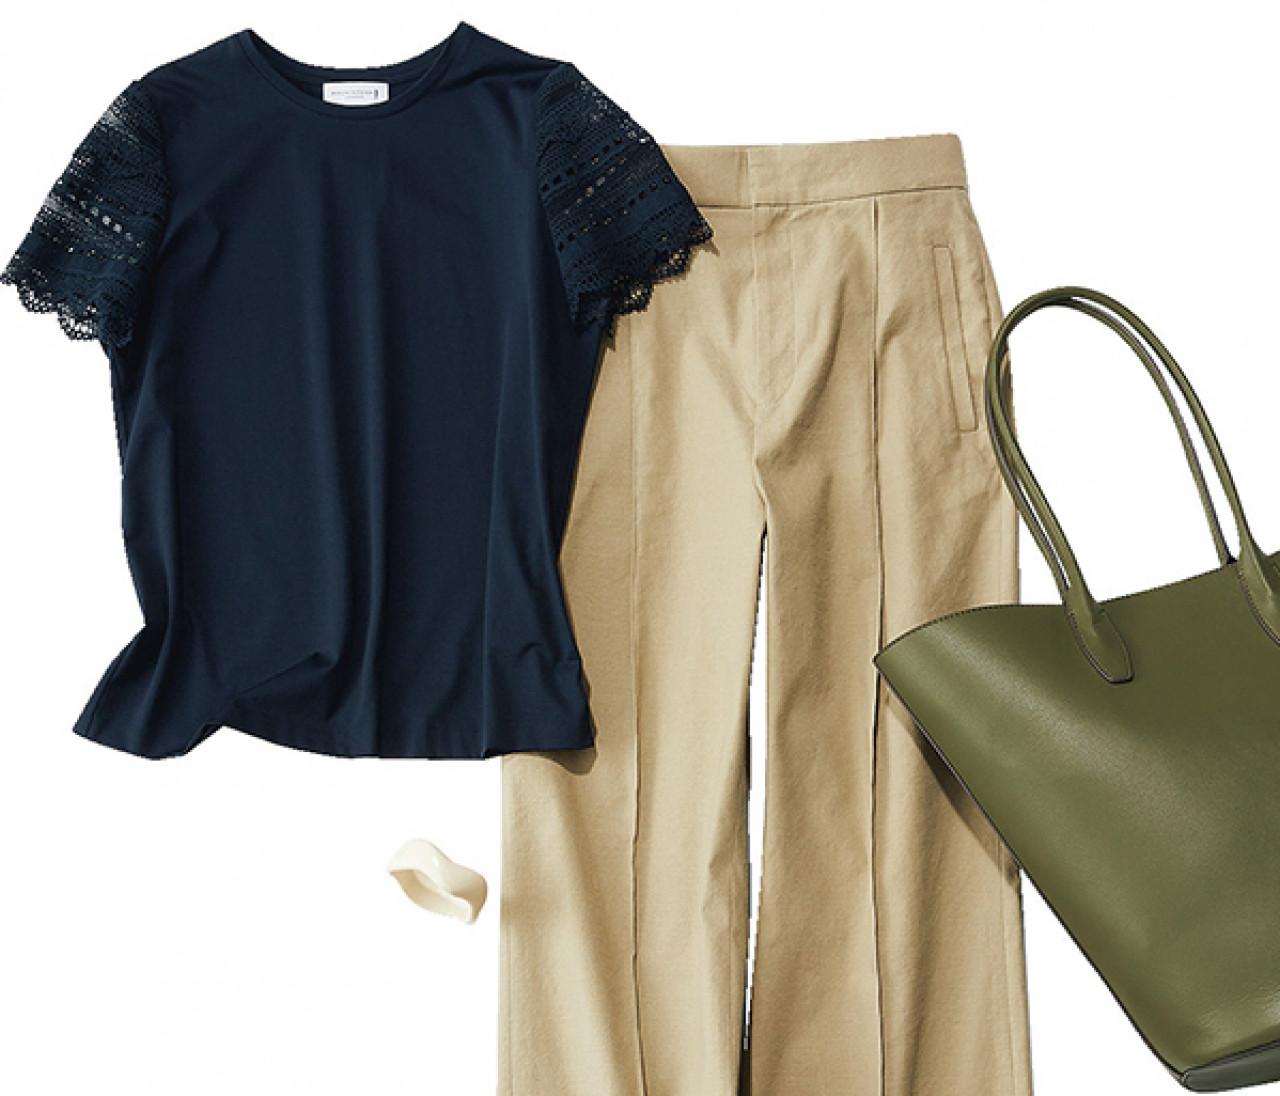 【袖コンTシャツ】フリルたっぷり袖&透けレース袖に合うボトムスは?